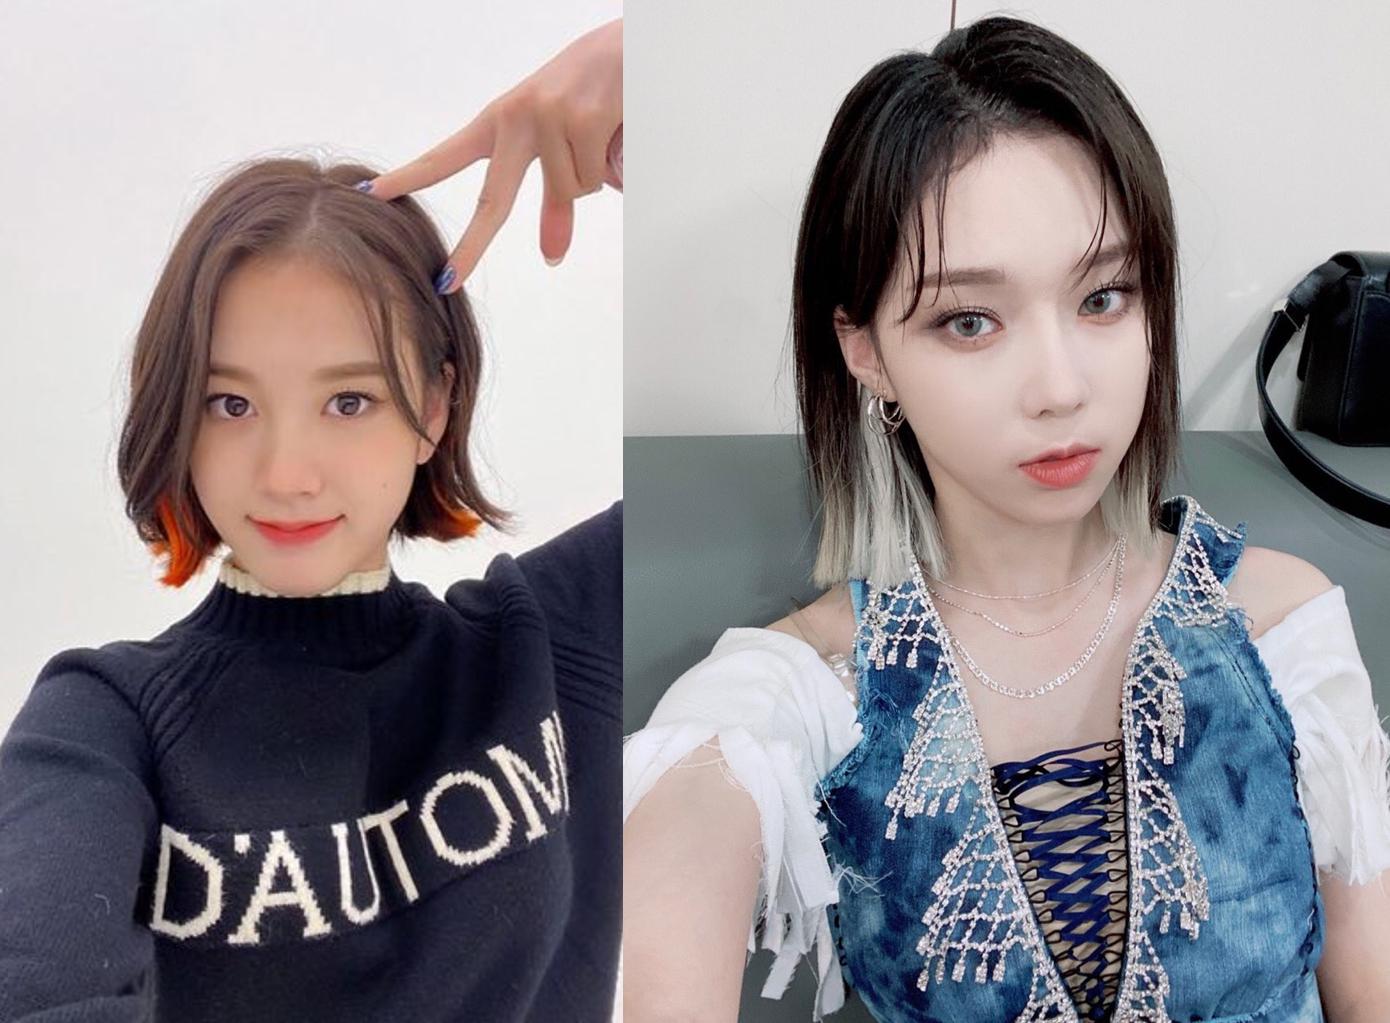 Gẩy light tóc là style quen thuộc và chưa bao giờ hết hot. Hàng loạt idol đình đám tham gia trào lưu này. Các cô gái cũng biến tấu, chỉ gẩy light sáng ở phần đuôi tóc tạo điểm nhấn độc đáo như J (StayC) và Winter (Aespa).